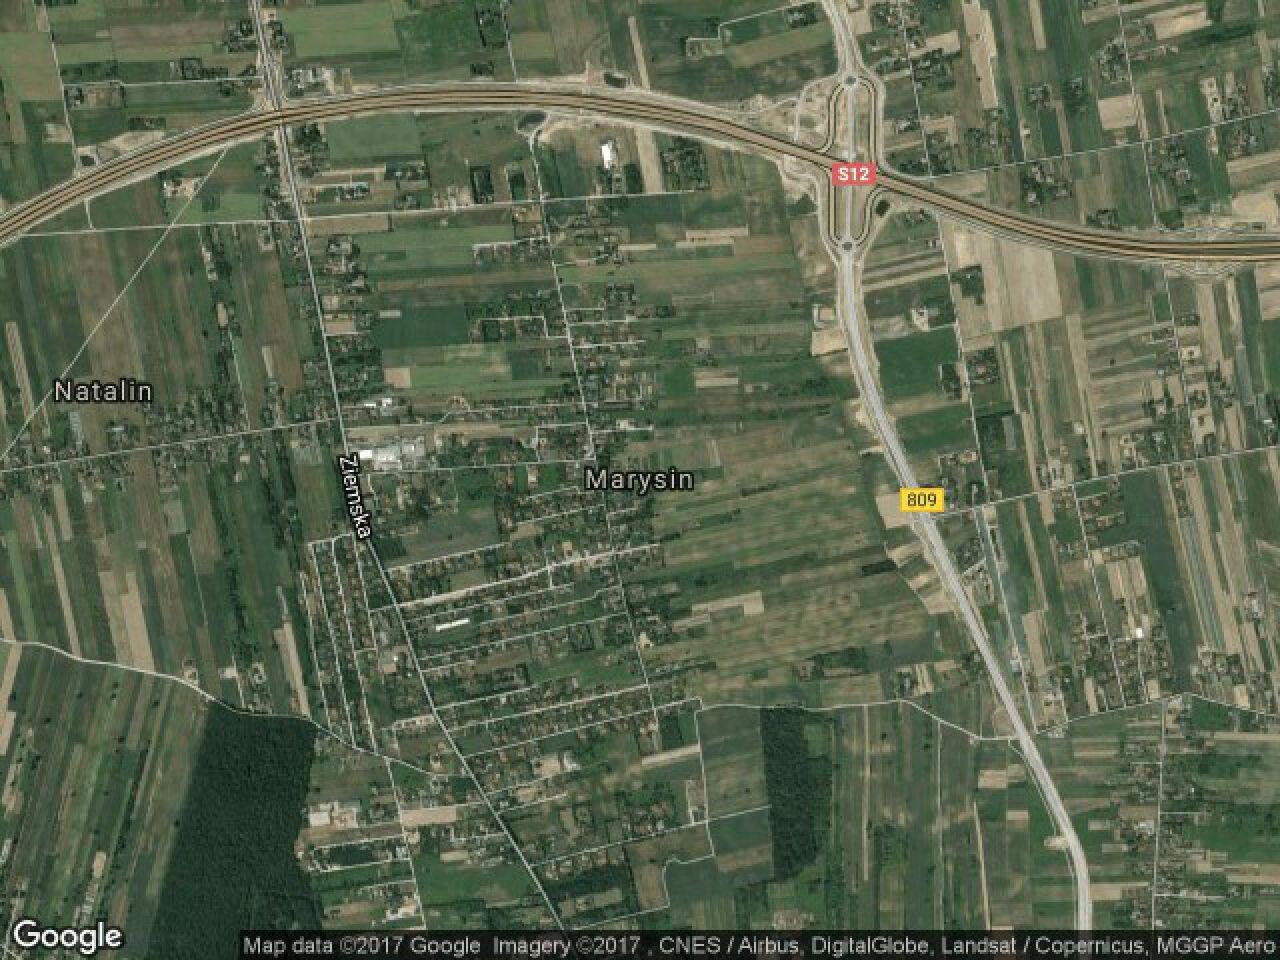 Działka budowlana Marysin, ul. Pąsowa